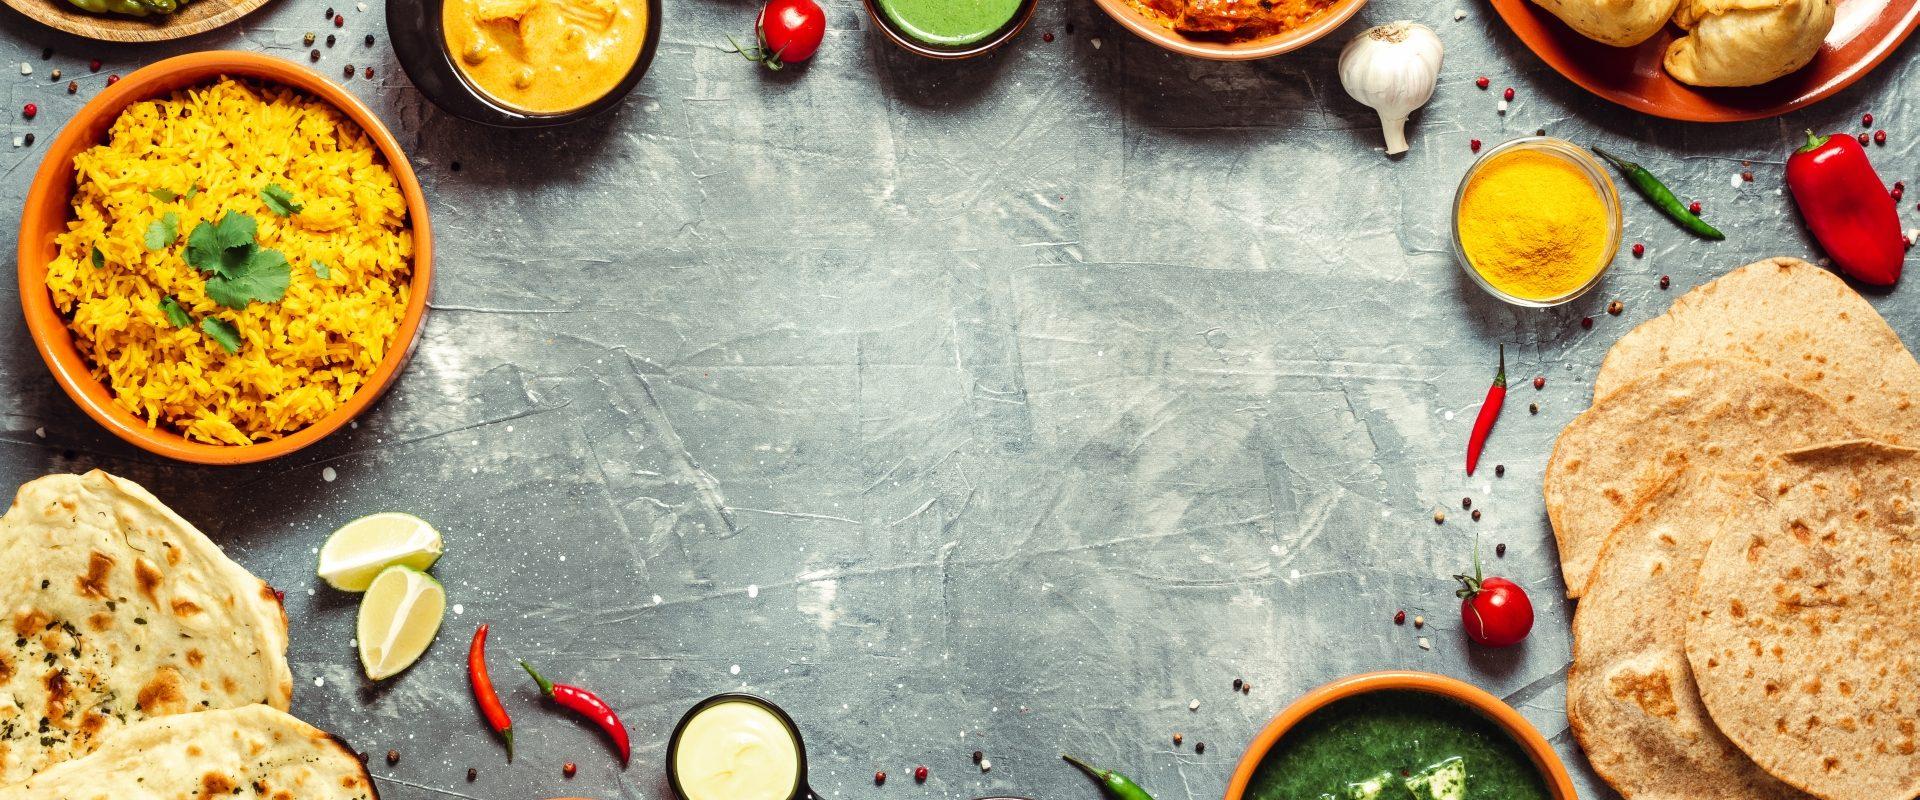 Kuchnia indyjska dla wegetarian. Miseczki z przyprawami i potrawami indyjskimi.